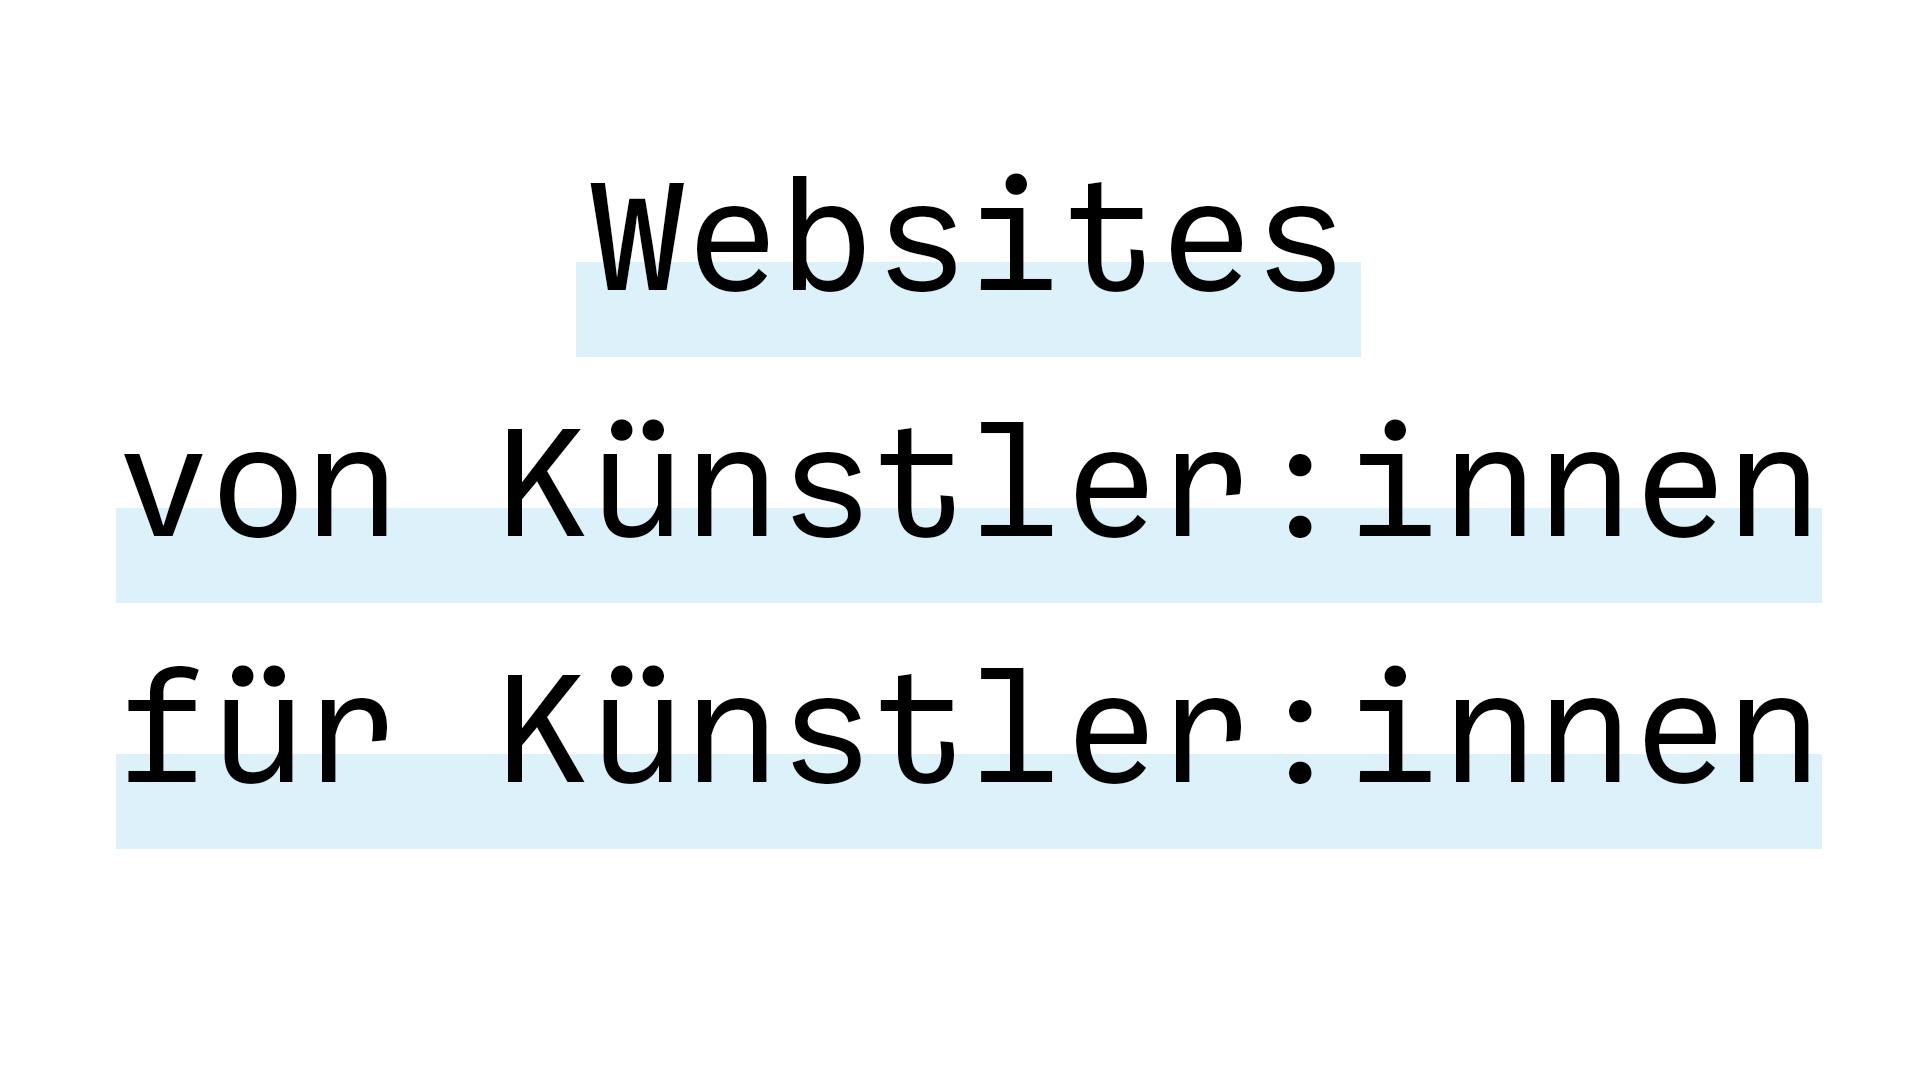 Websites von Künstler:innen für Künstler:innen